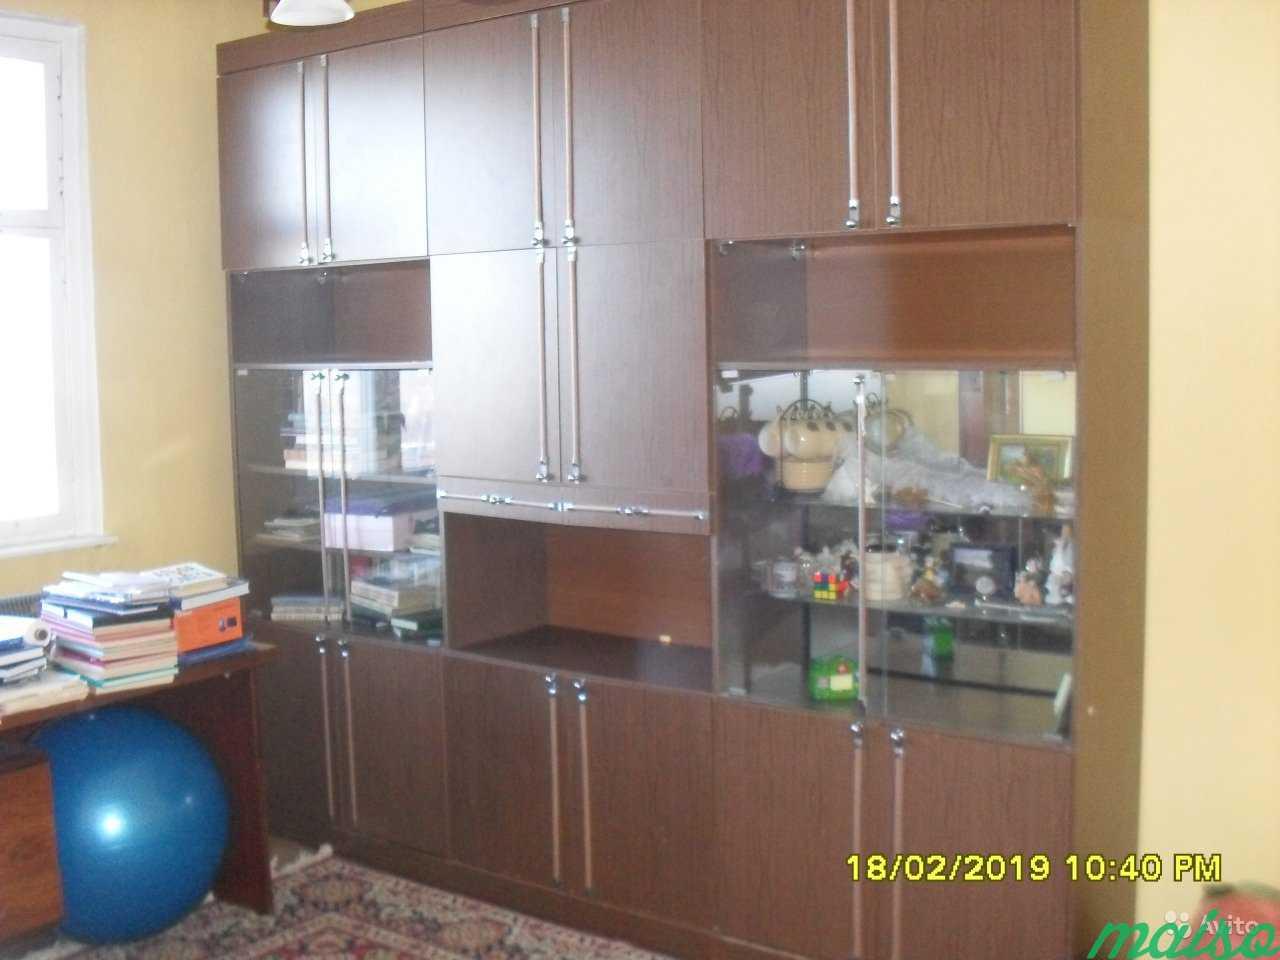 Стол письменный и мебель из квартиры в Москве. Фото 2